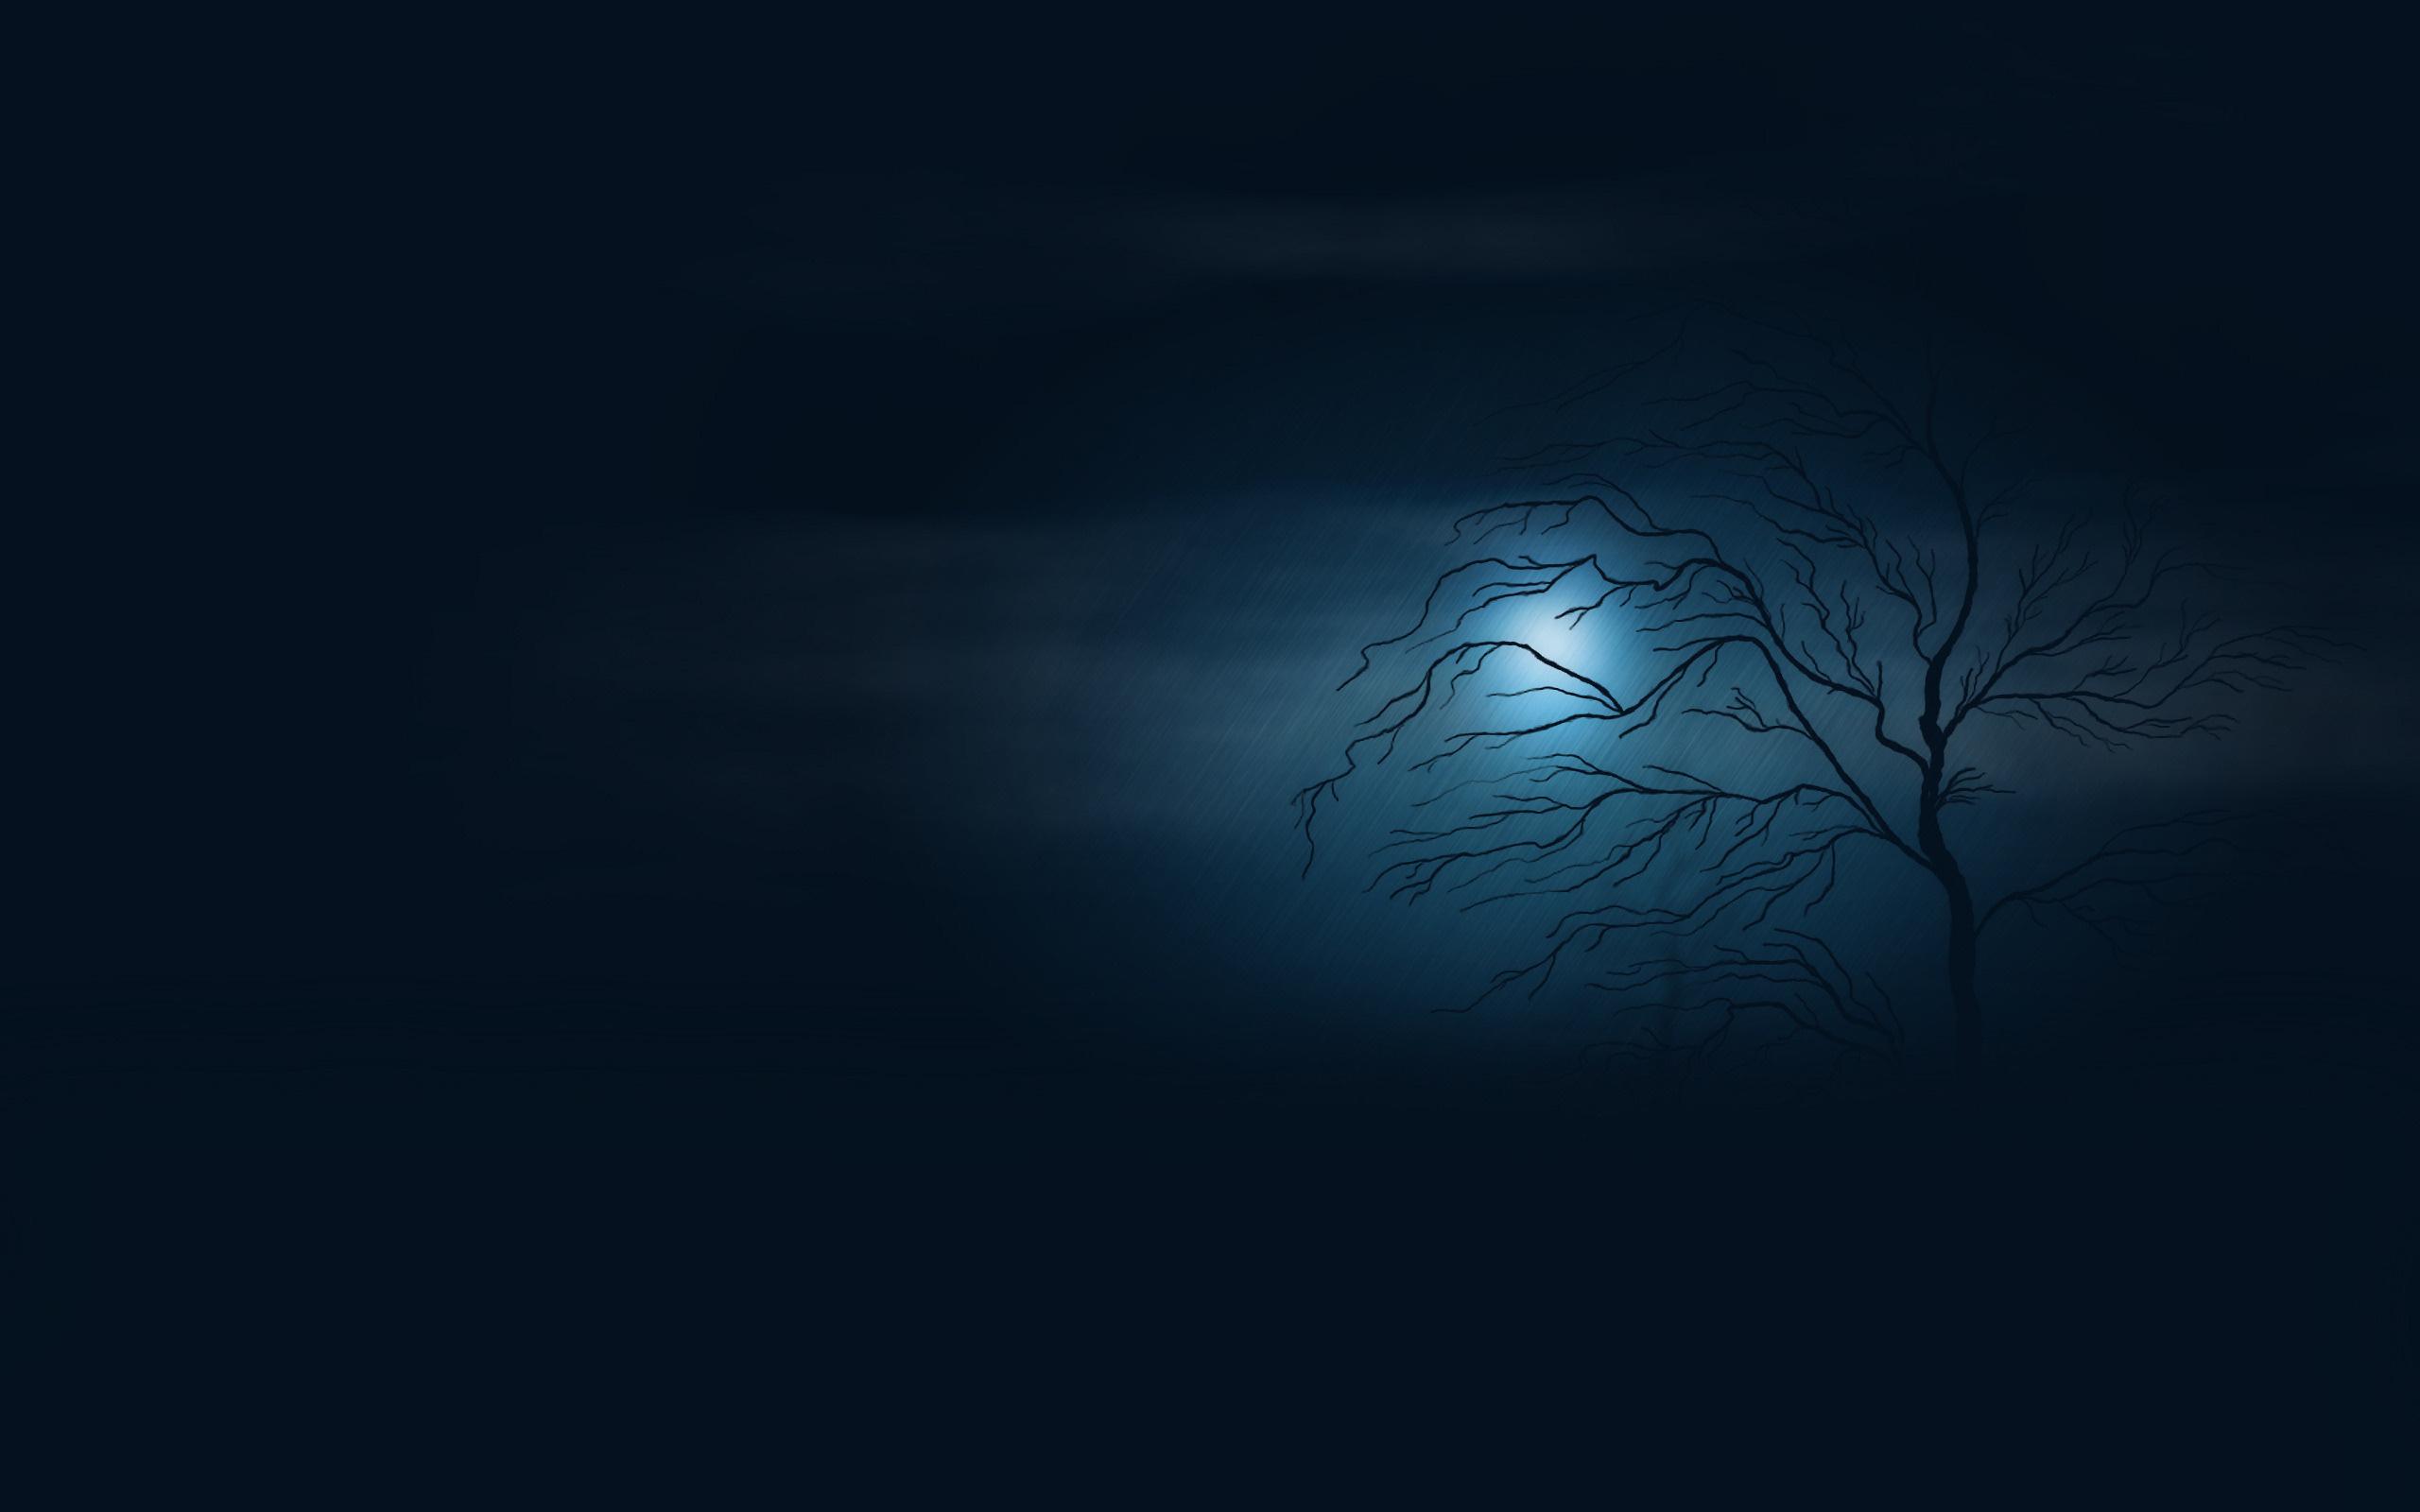 19735 скачать обои Деревья, Фон, Ночь - заставки и картинки бесплатно